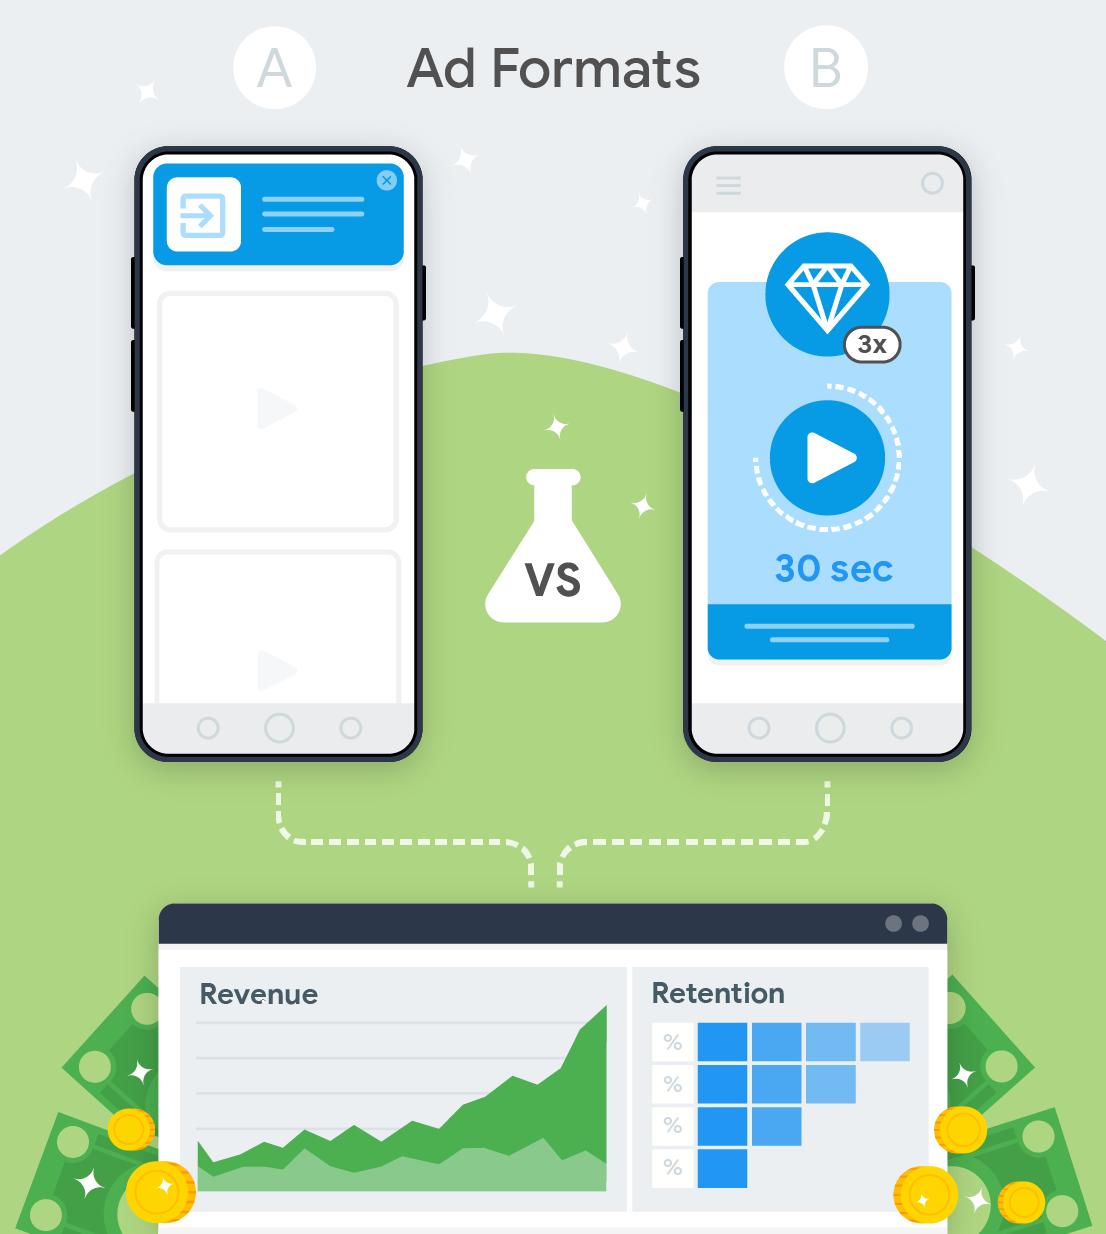 Testen von zwei Anzeigenformaten und deren Auswirkungen auf Umsatz und Kundenbindung